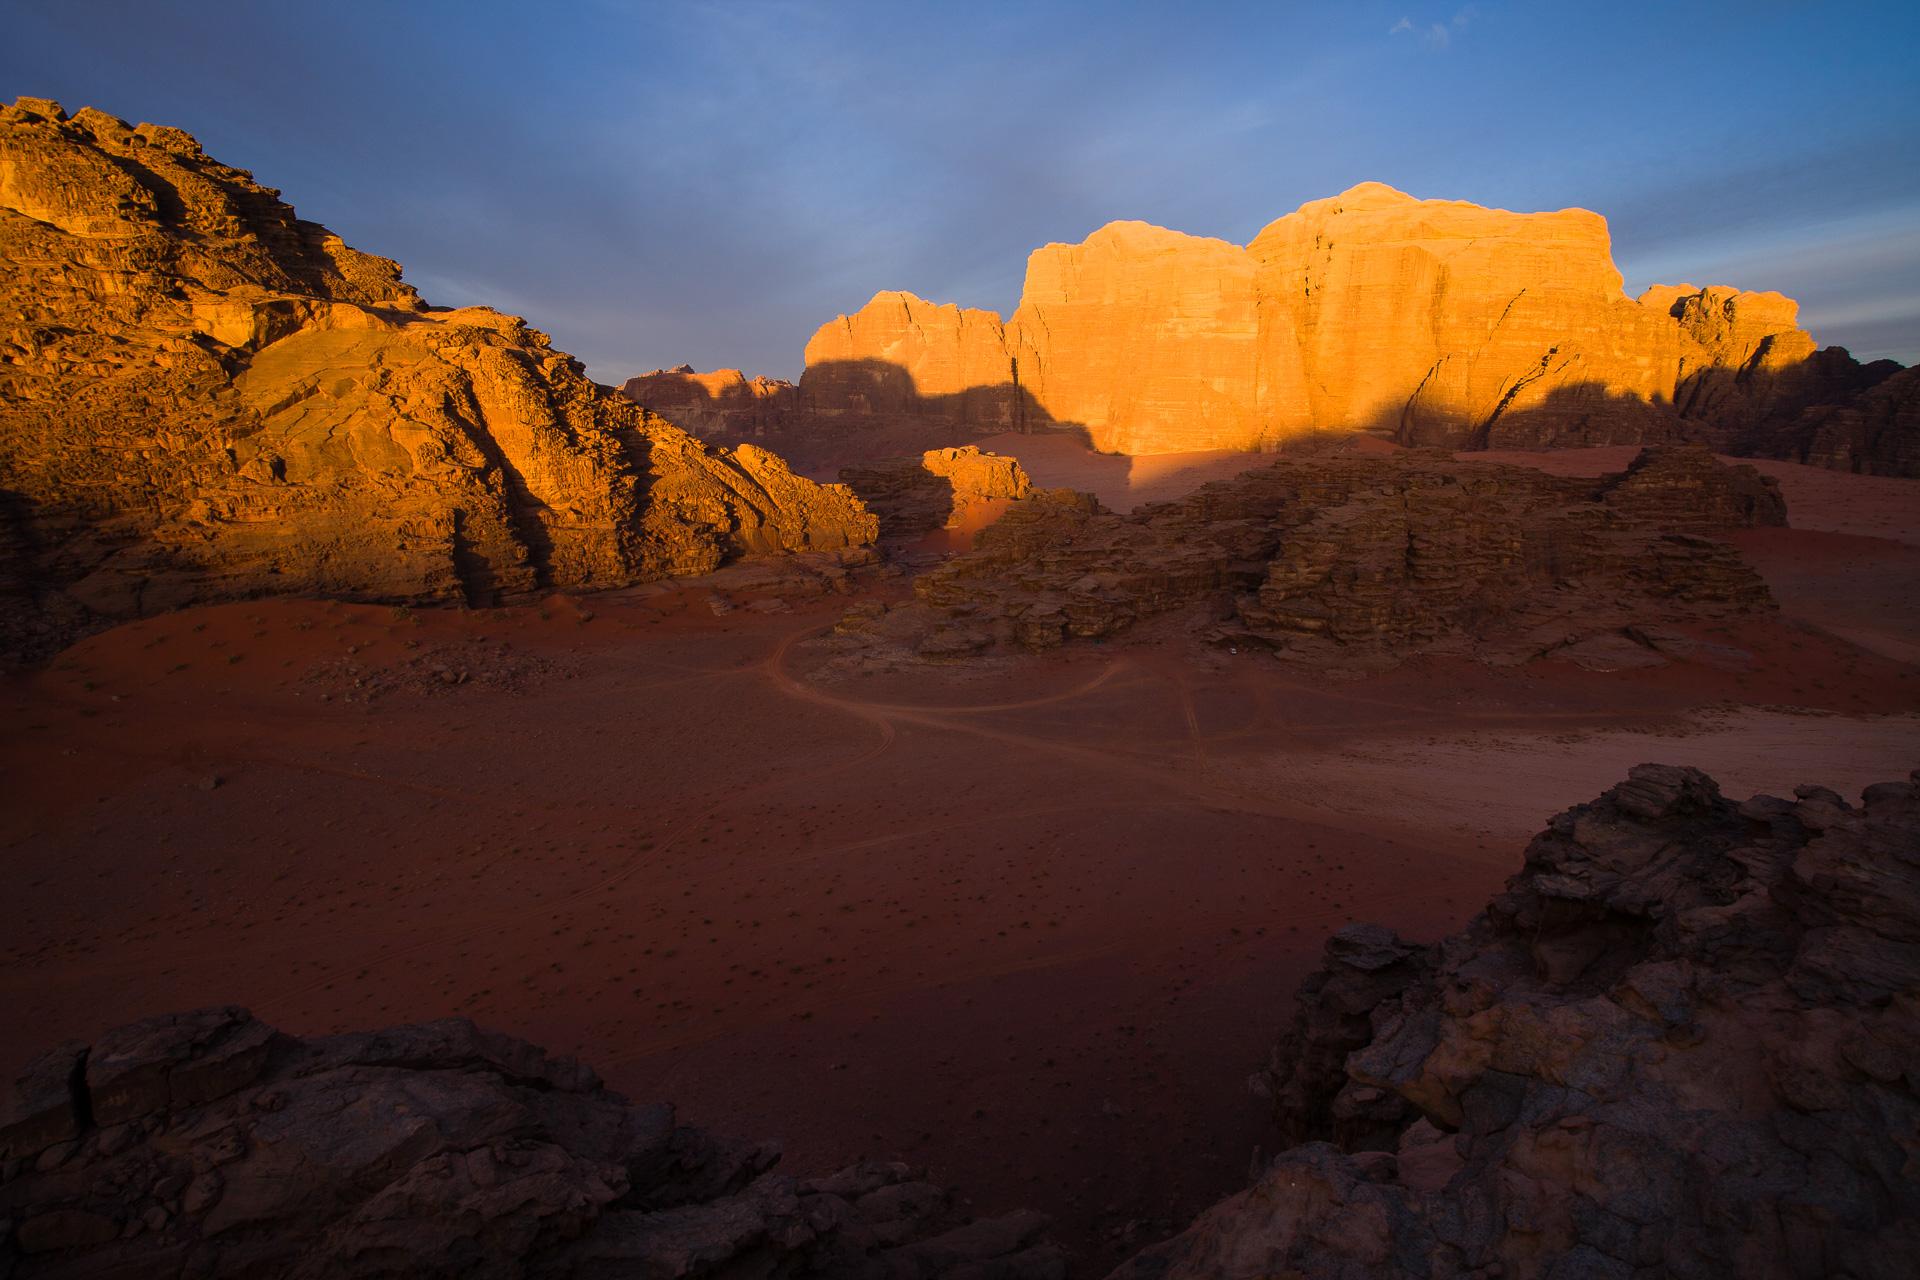 Djebel Um Ishrin dans le désert de Wadi Rum en Jordanie